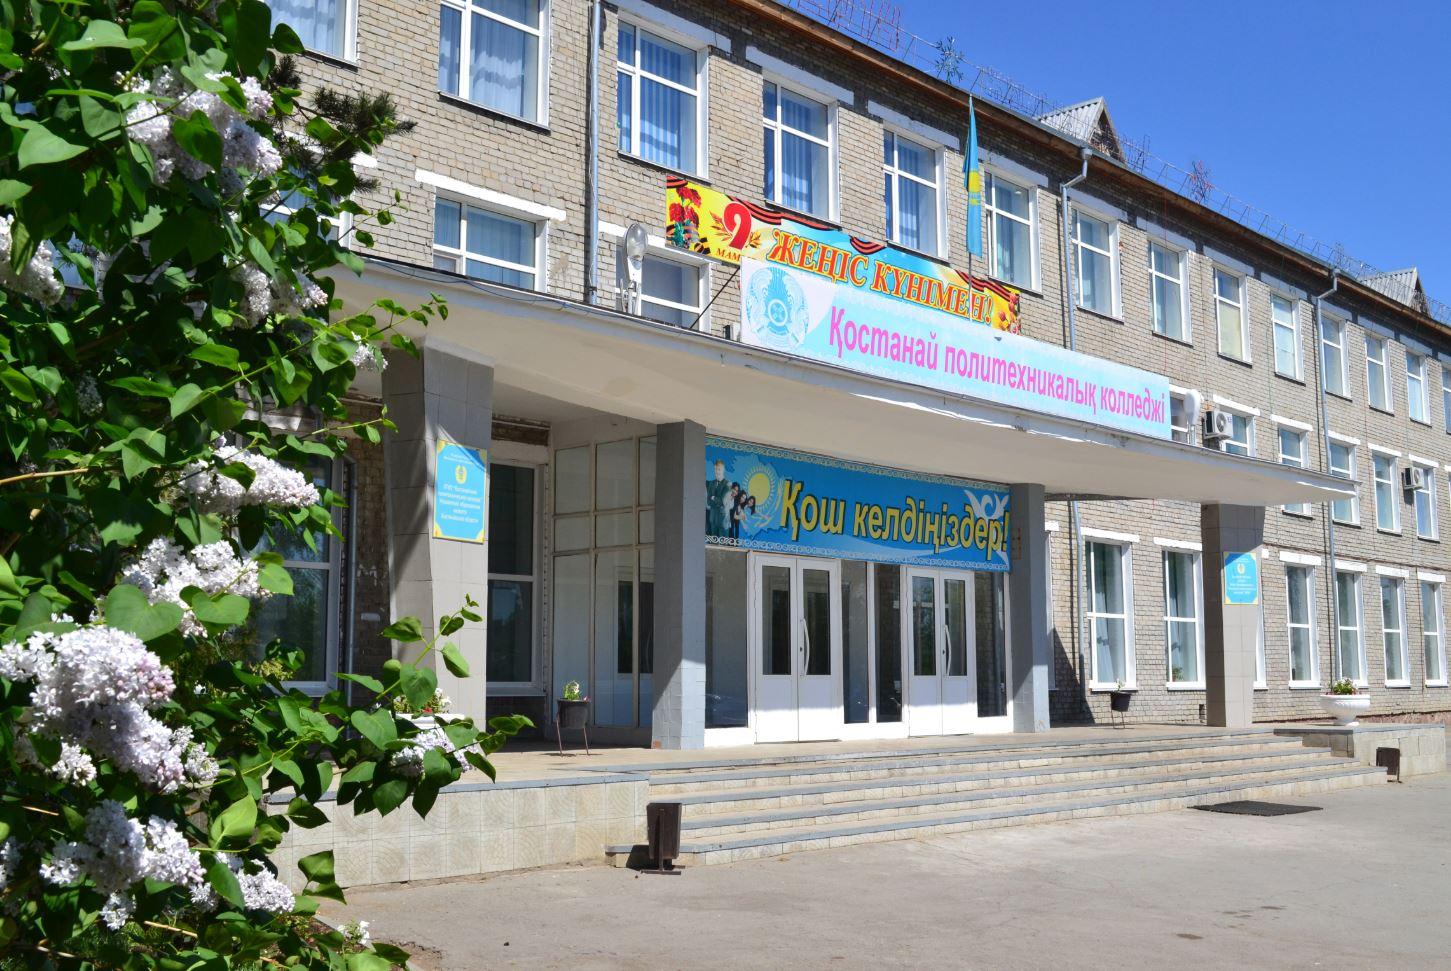 Костанайский политехнический высший колледж признан лучшим в Казахстане